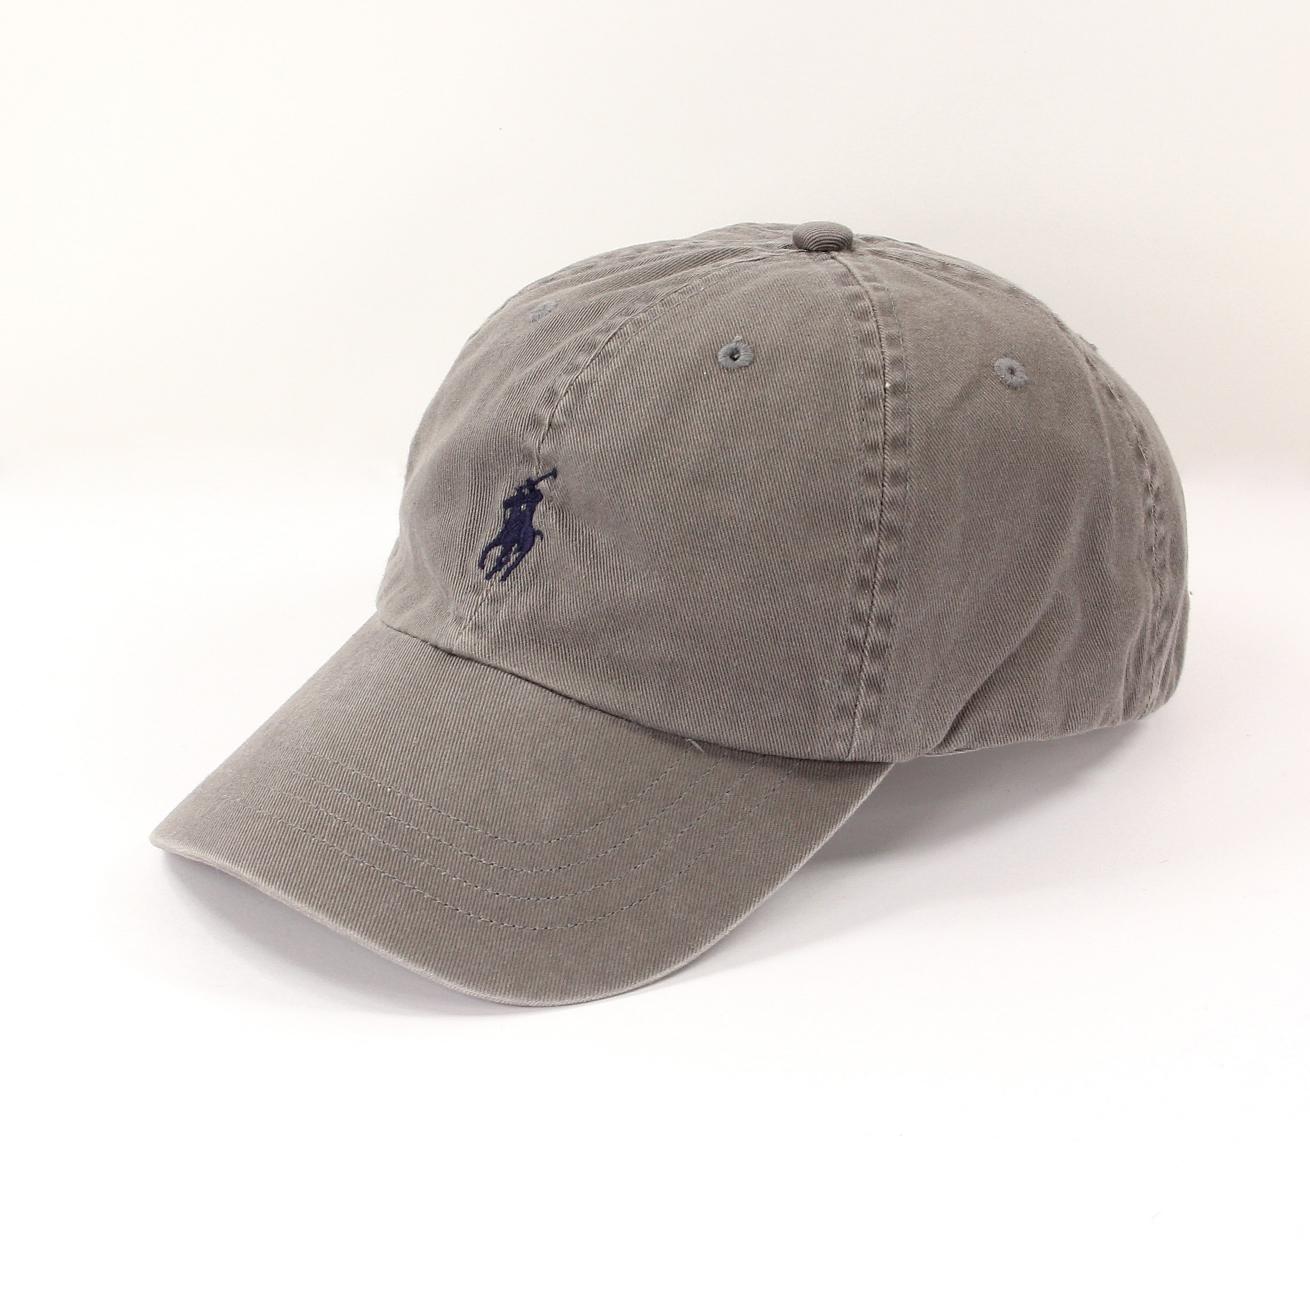 美國百分百【全新真品】Ralph Lauren 帽子 RL 配件 棒球帽 Polo 小馬 灰 帆布 刺繡 男 A732